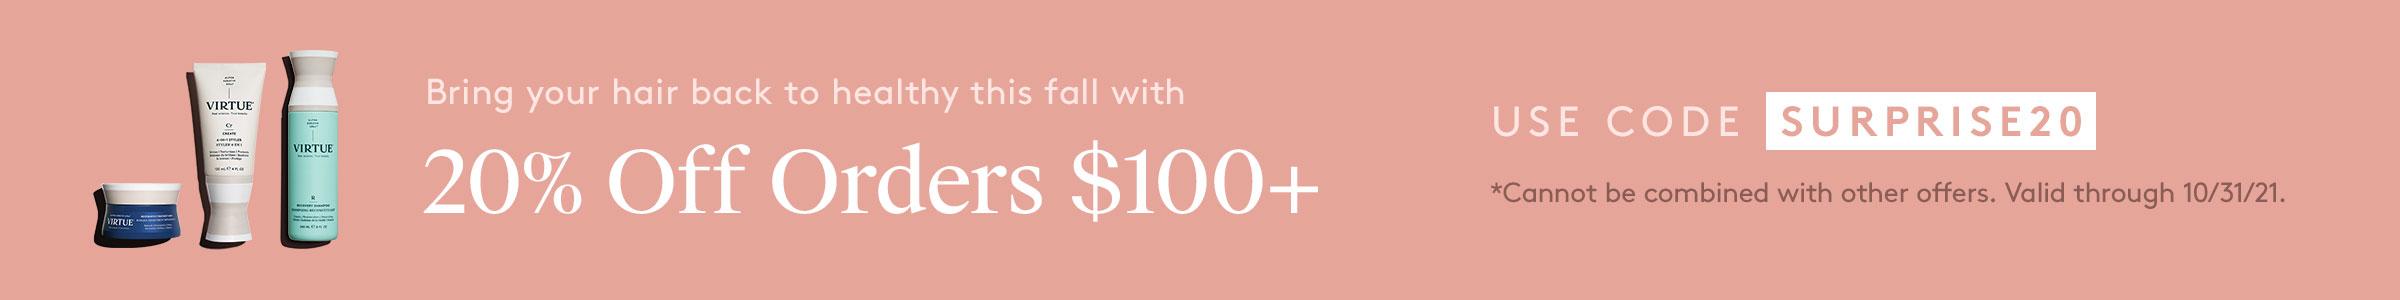 20% Off Orders $100+